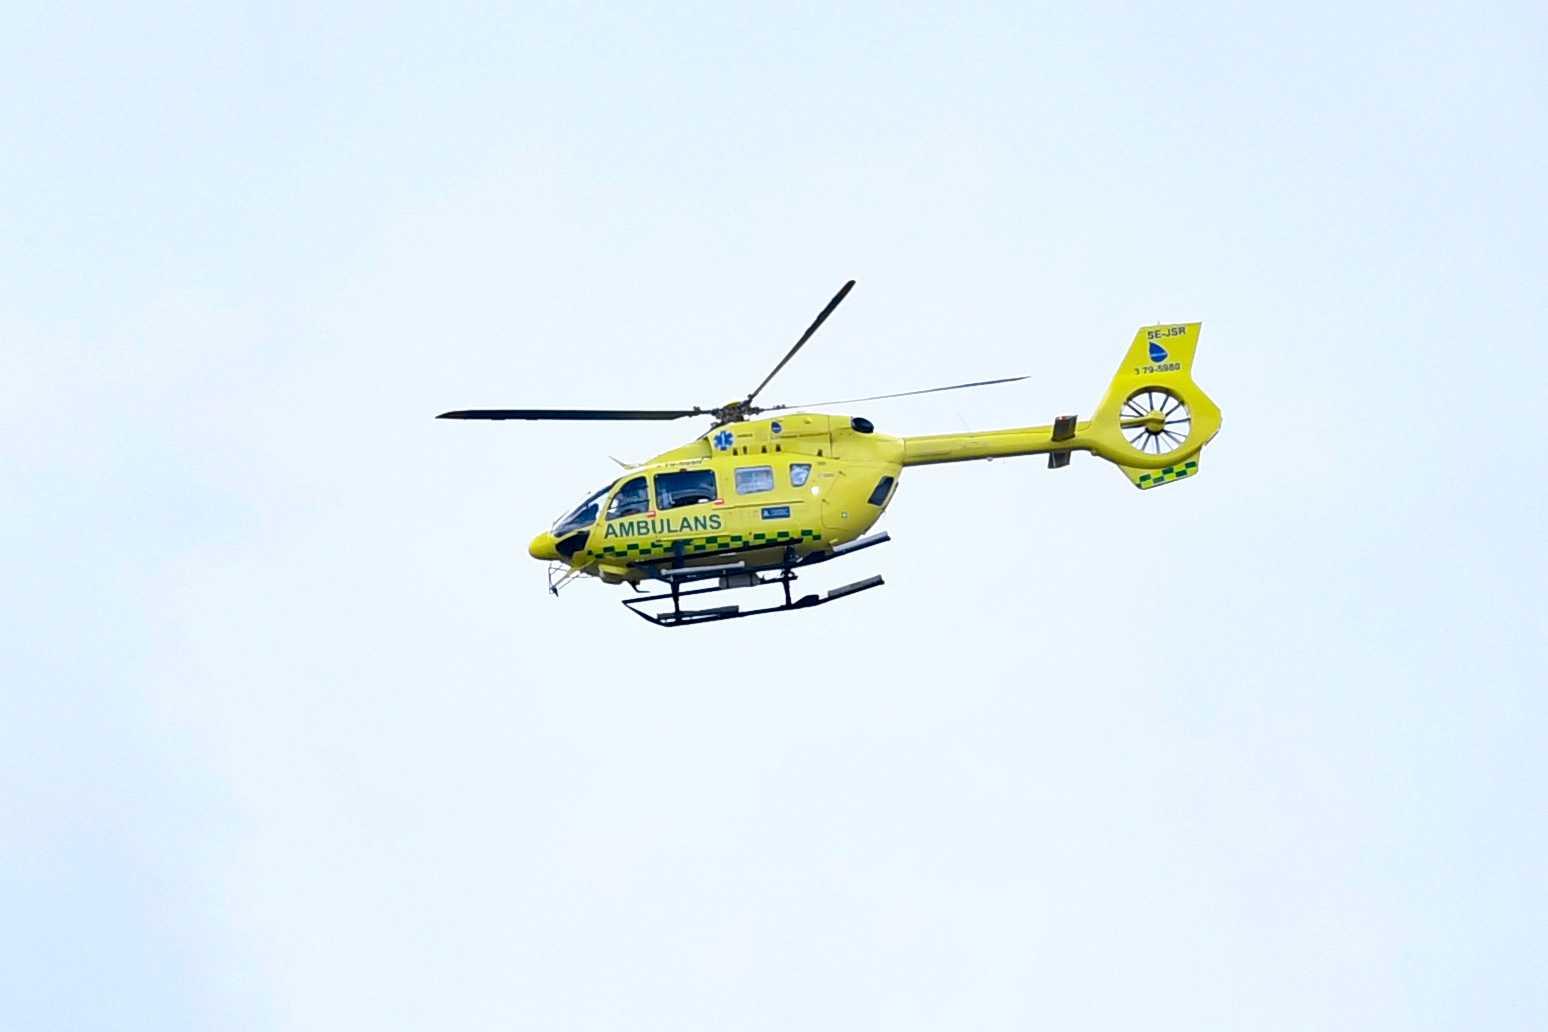 Ambulanshelikopter kallades till platsen, men pojkens liv gick inte att rädda. Arkivbild.